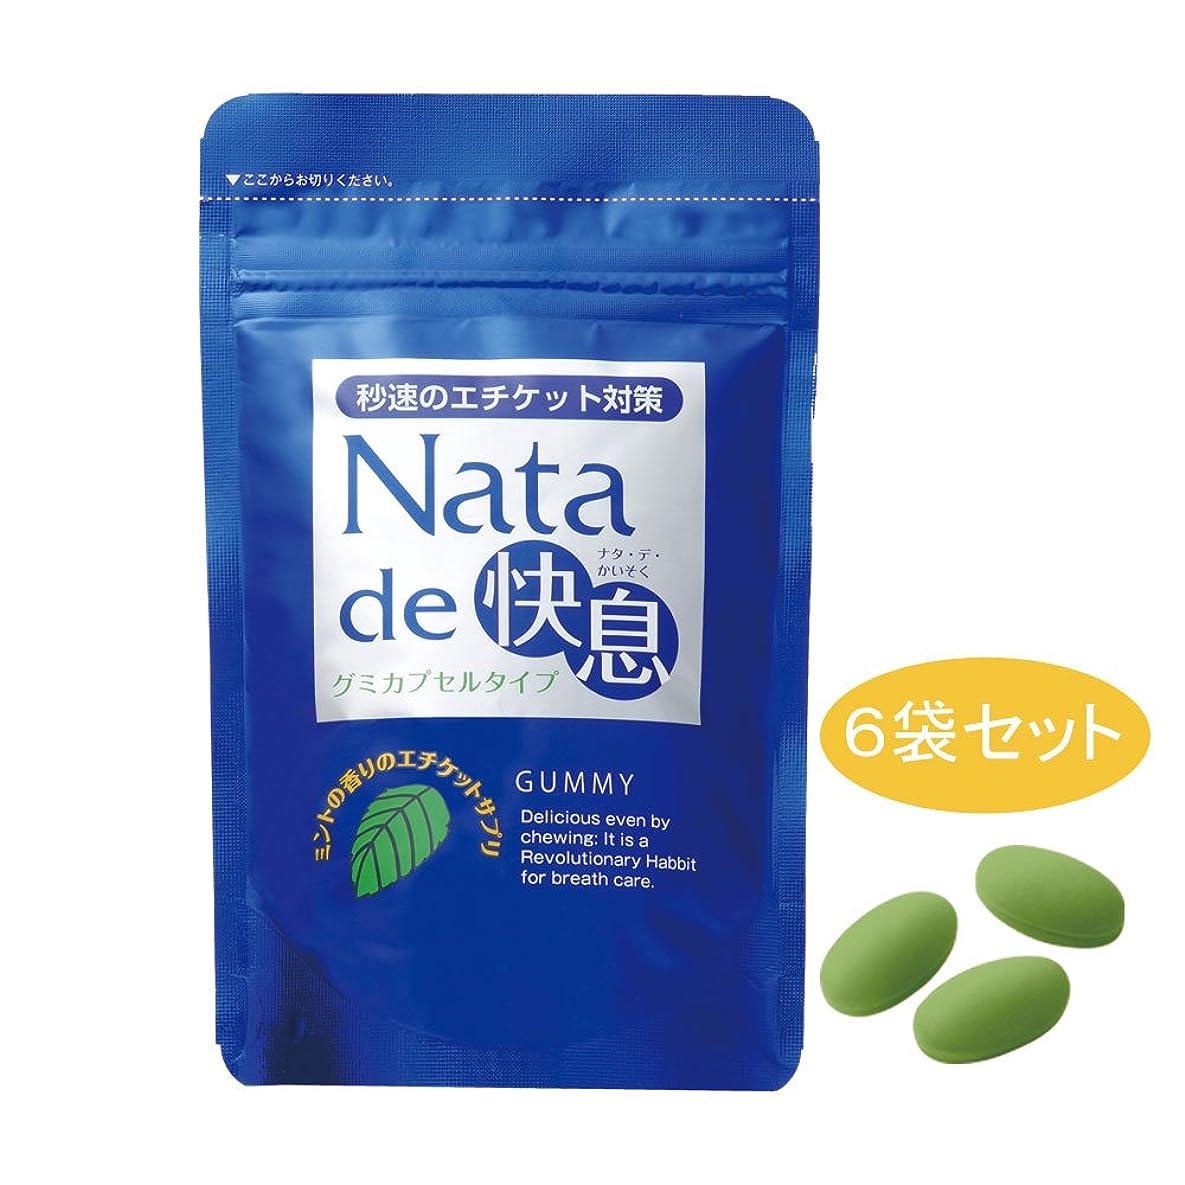 解く広い骨折ナタデ快息 ミントの香り 6袋セット